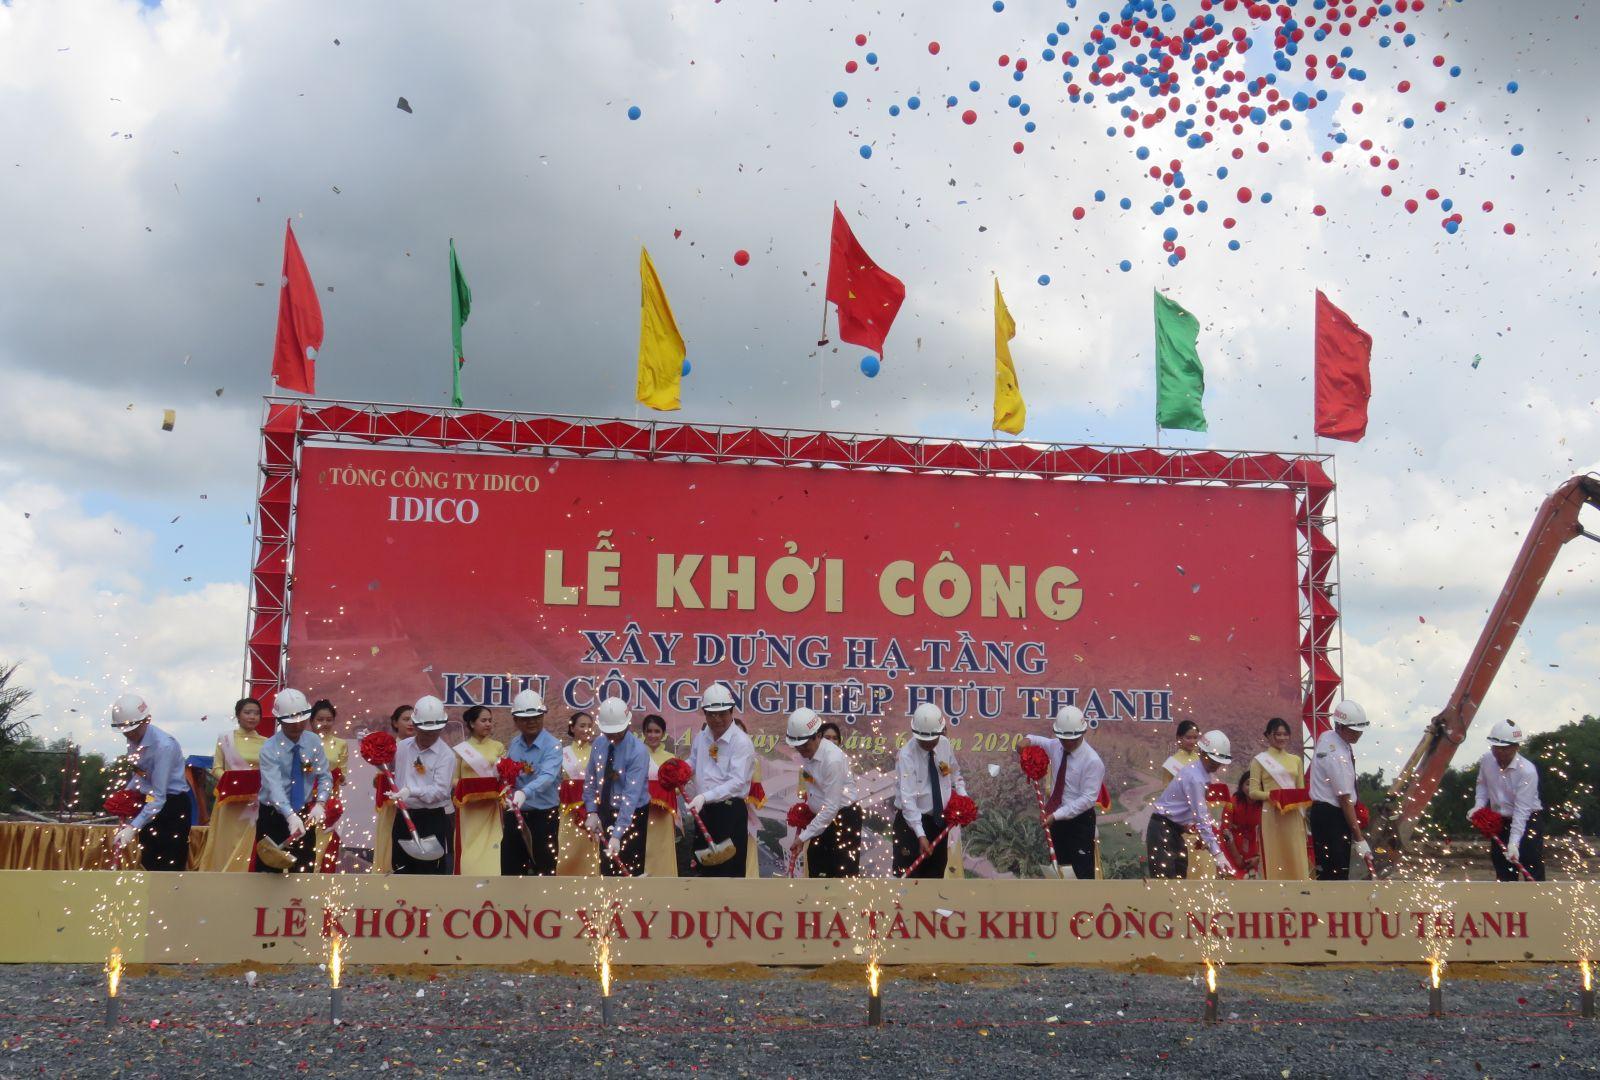 Delegates perform the groundbreaking ceremony